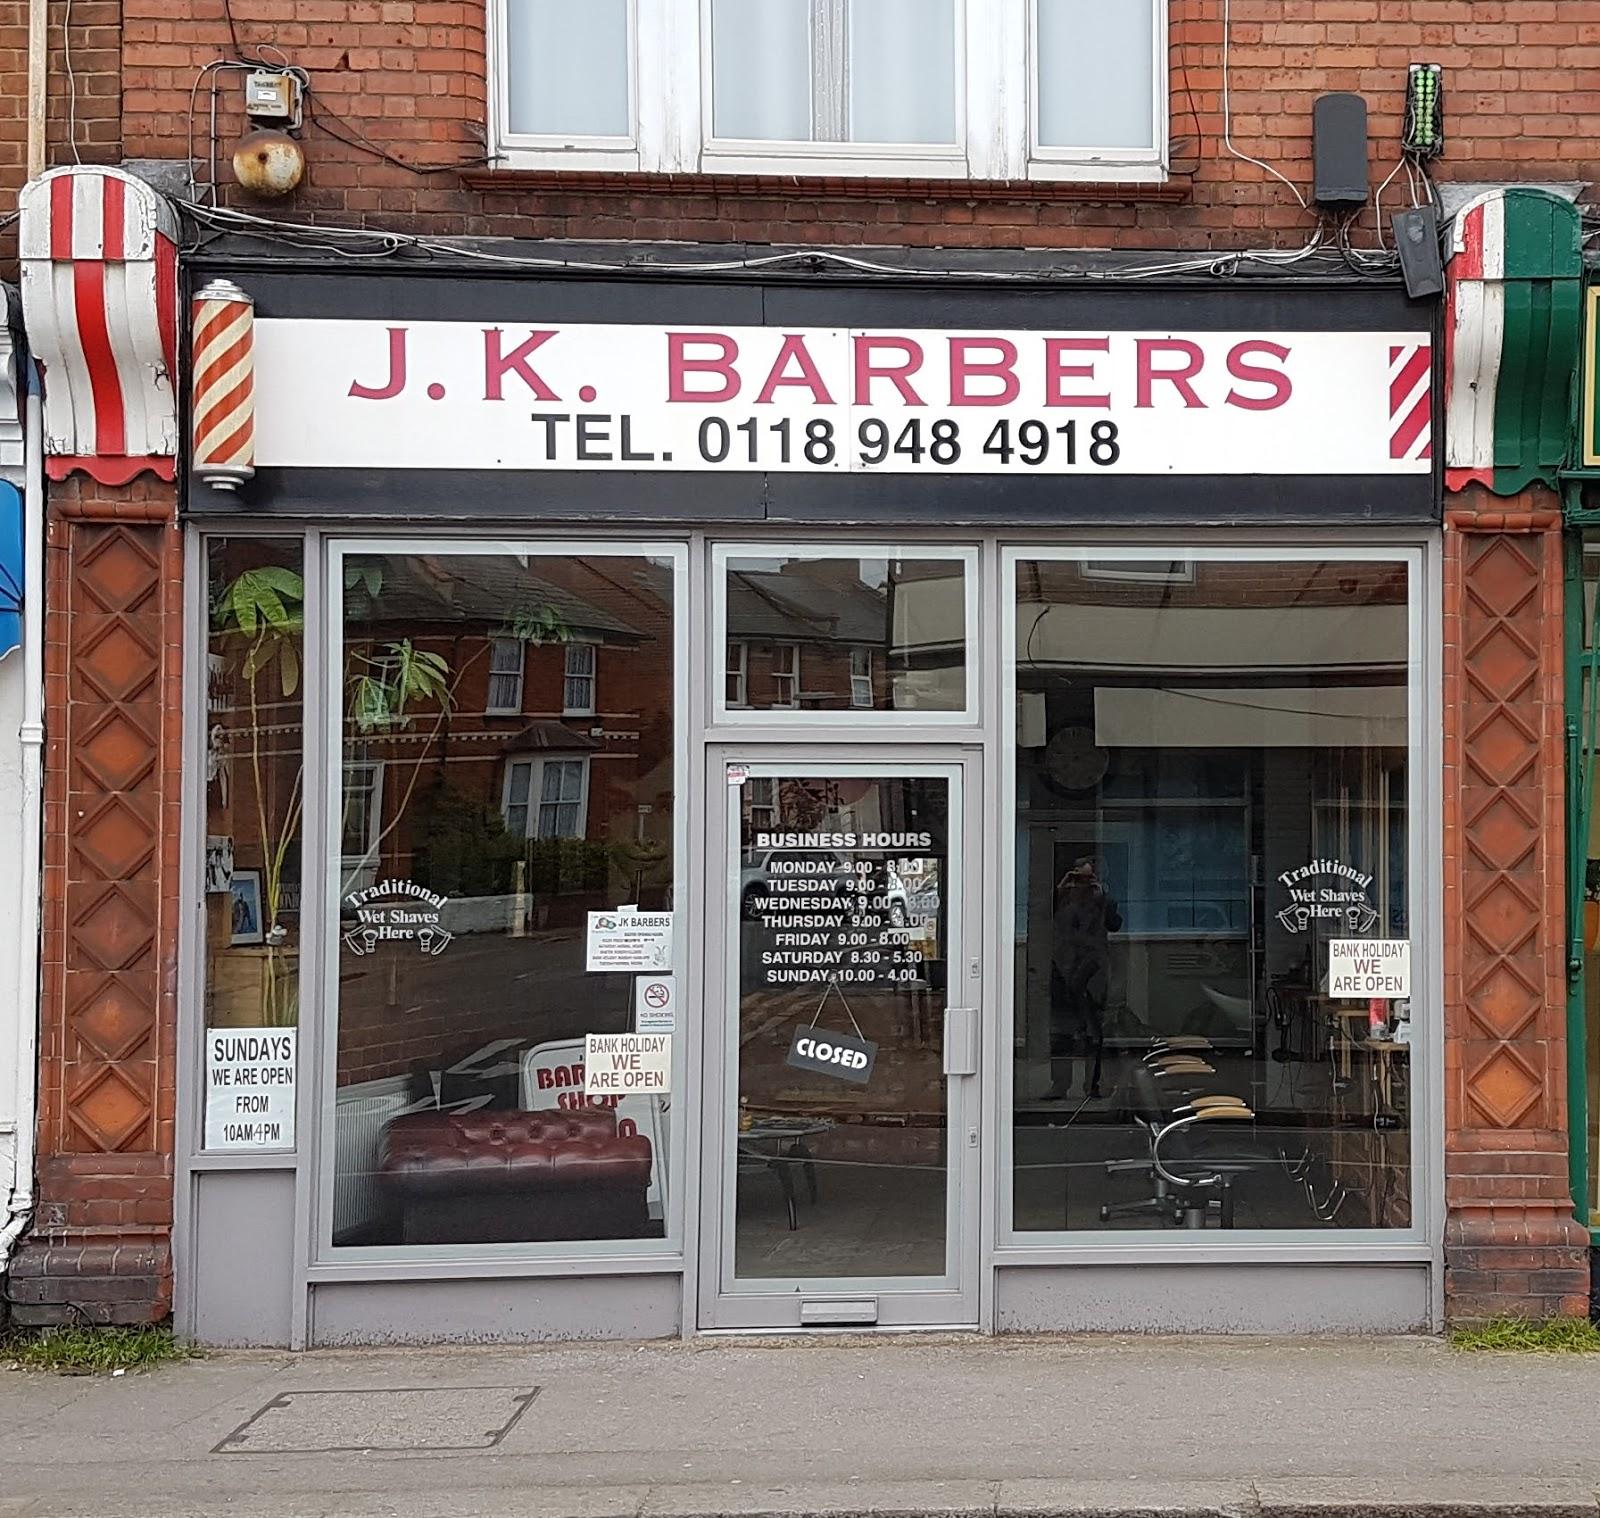 J K Barbers